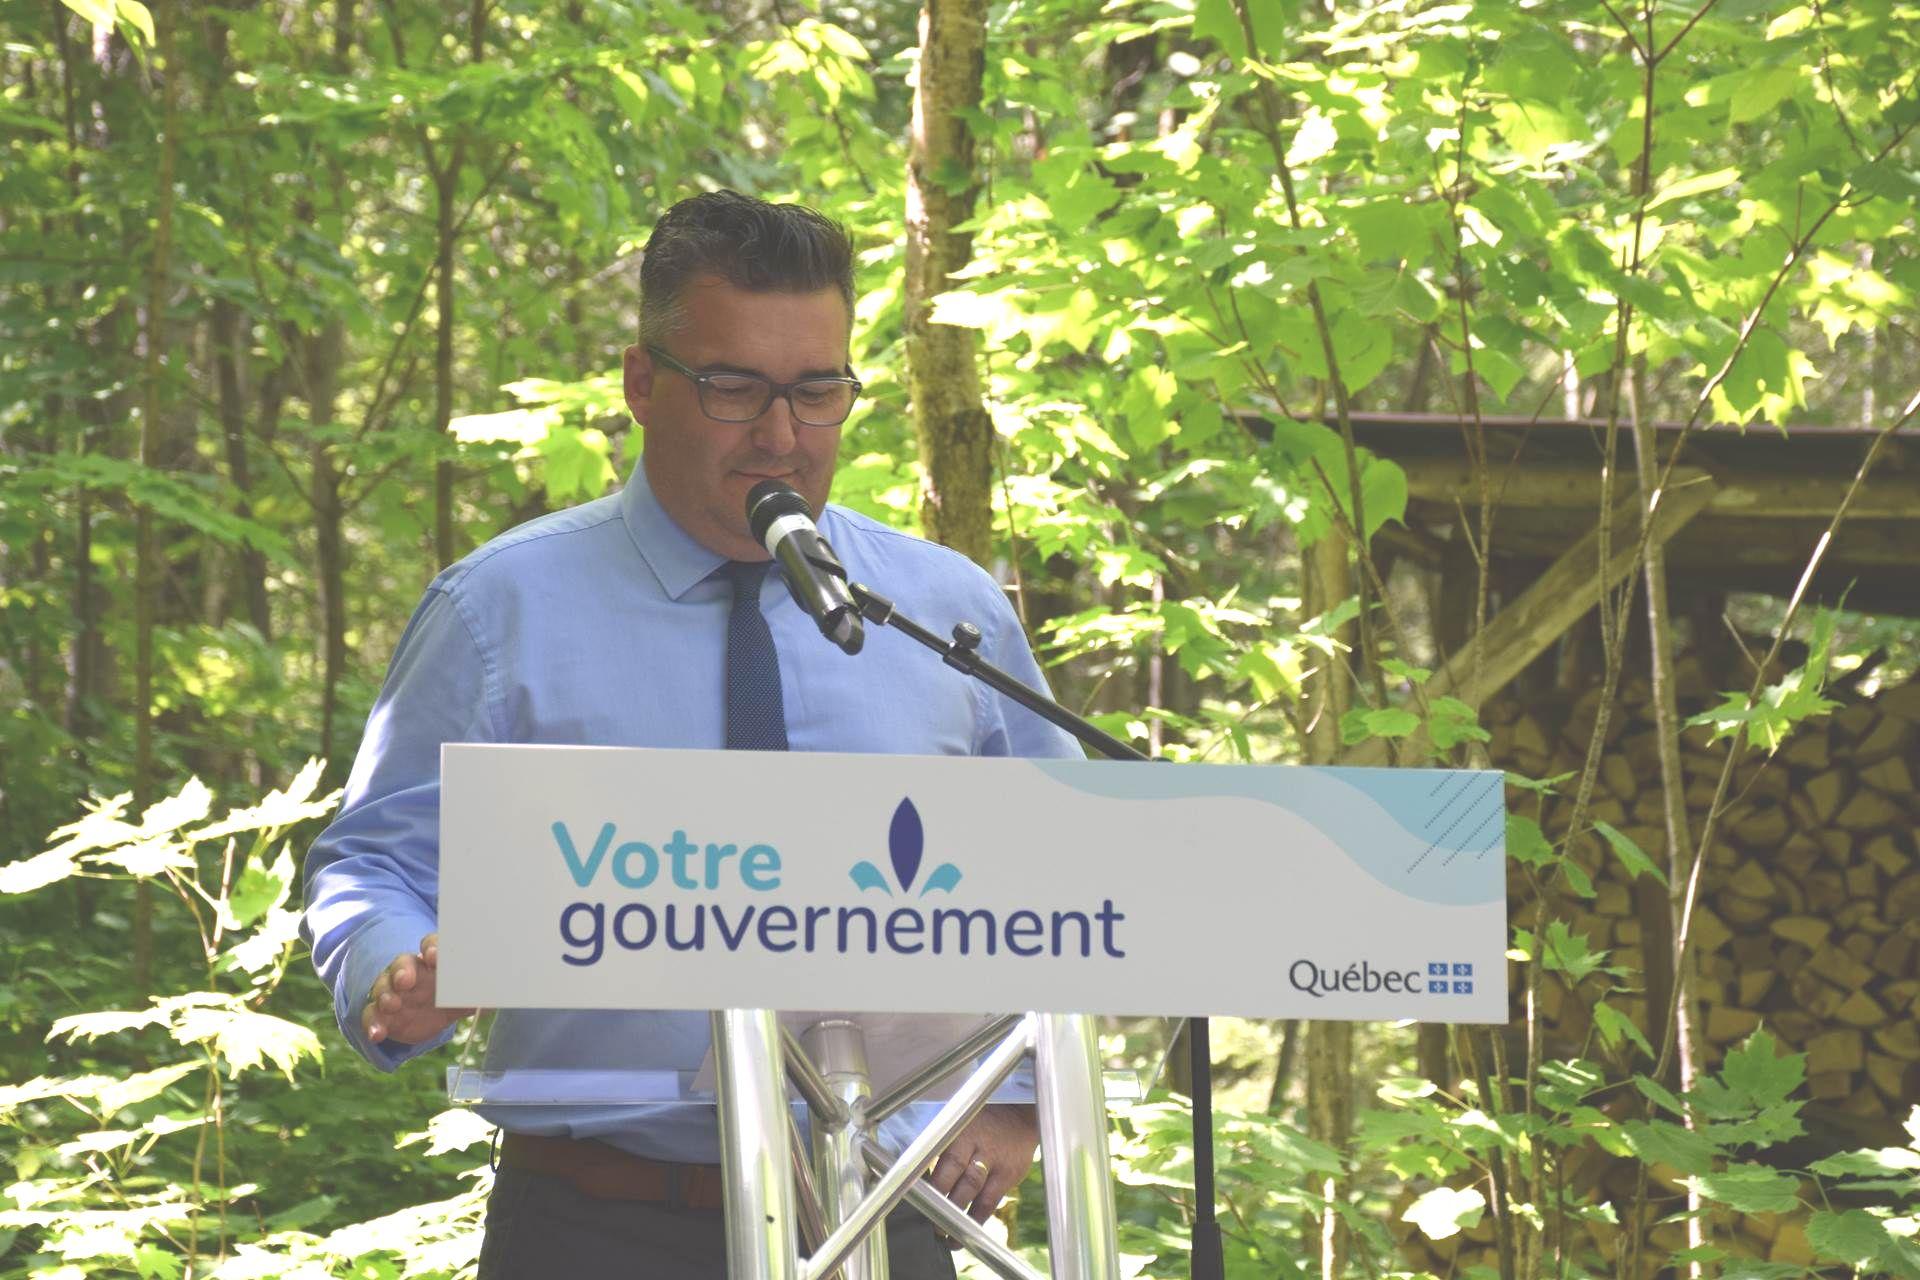 Le député de Dubuc, François Tremblay, a pris la parole. :